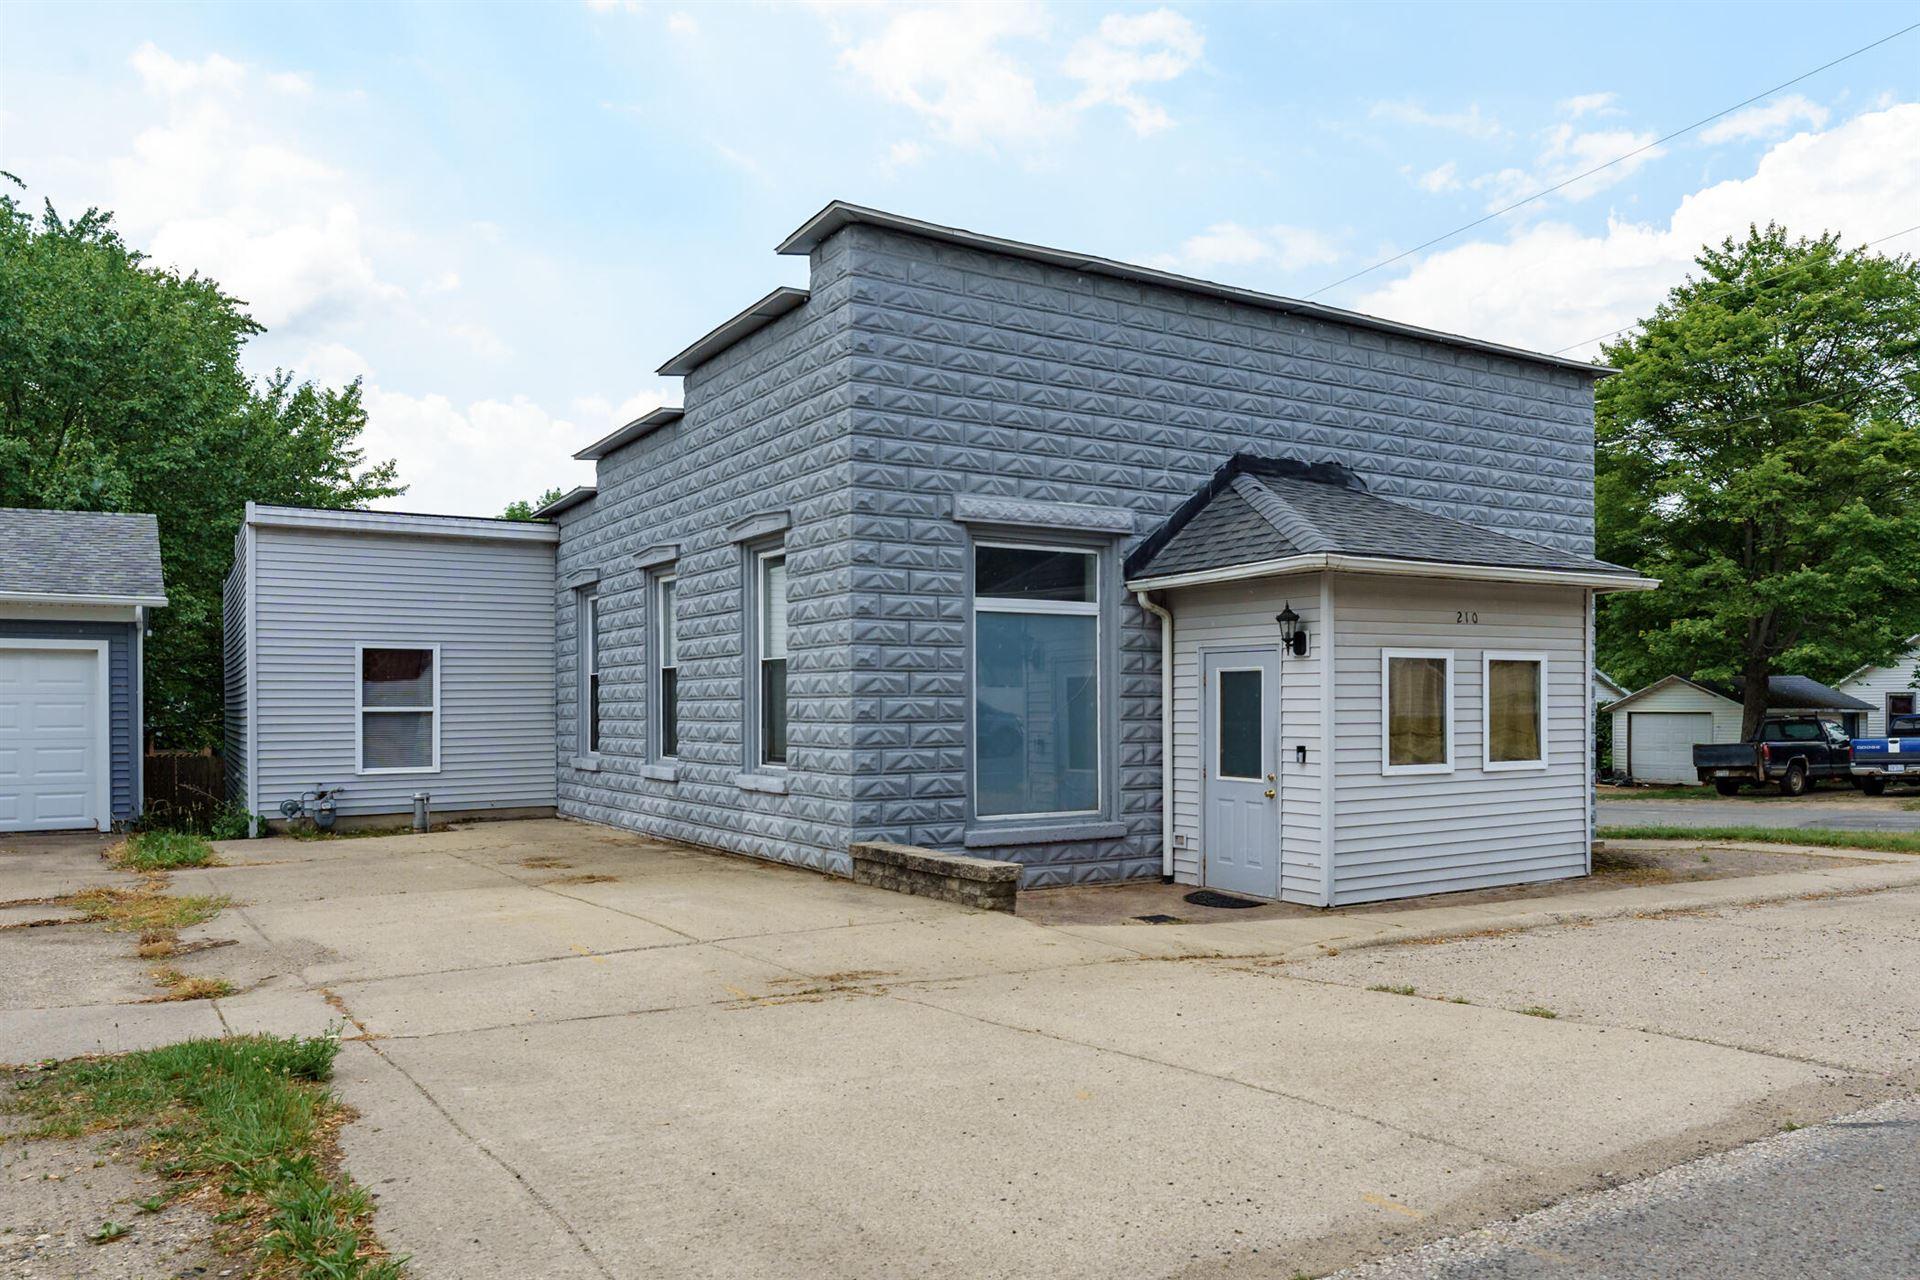 210 N Van Buren Street, Bloomingdale, MI 49026 - MLS#: 21022587